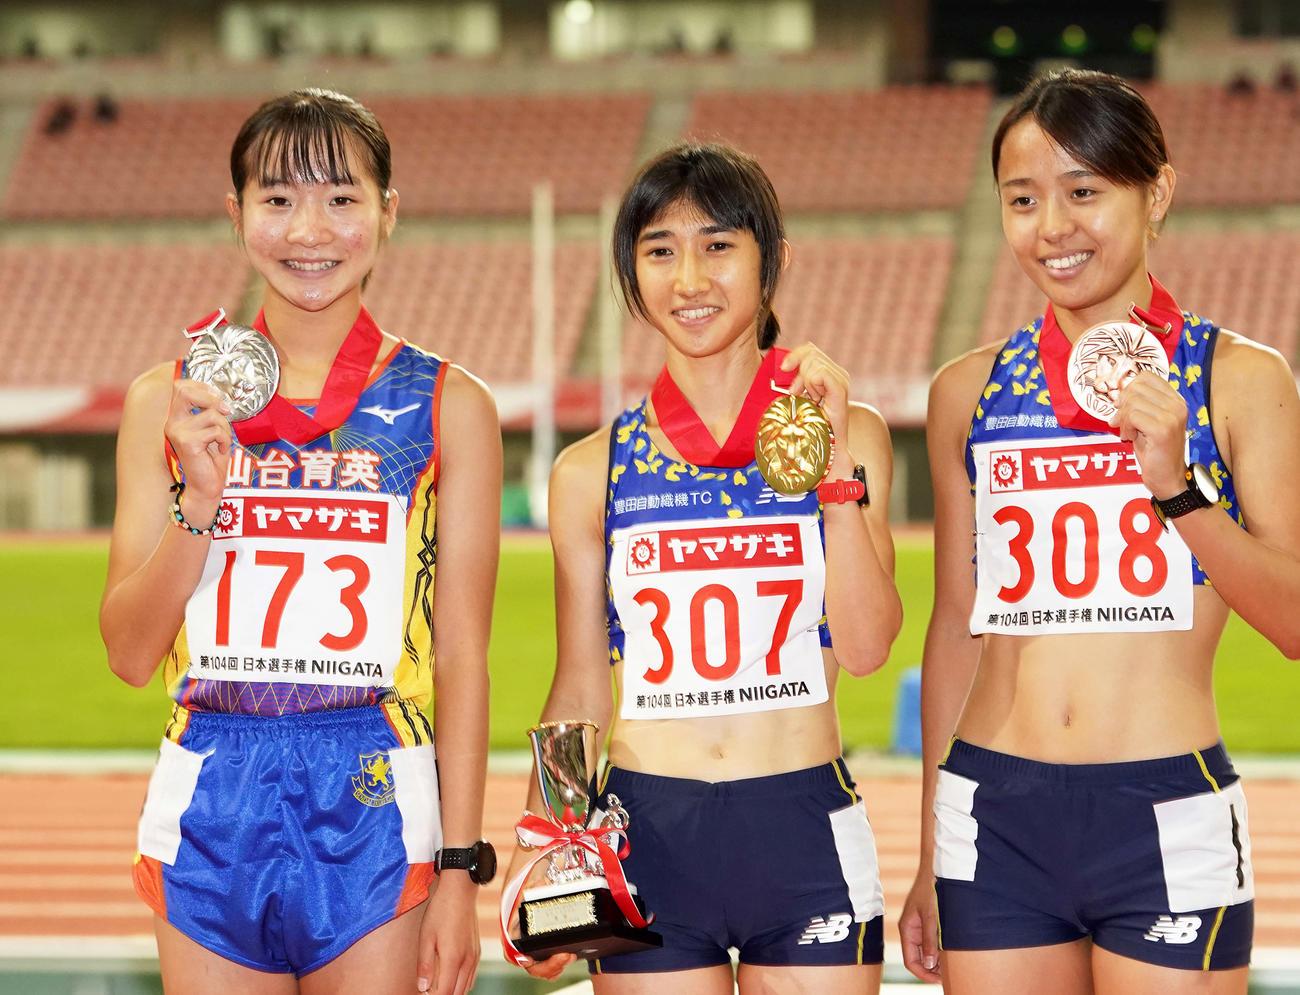 女子1500メートルで2位の仙台育英・米沢(左)はメダルを手に笑顔。中央は優勝した田中(撮影・江口和貴)